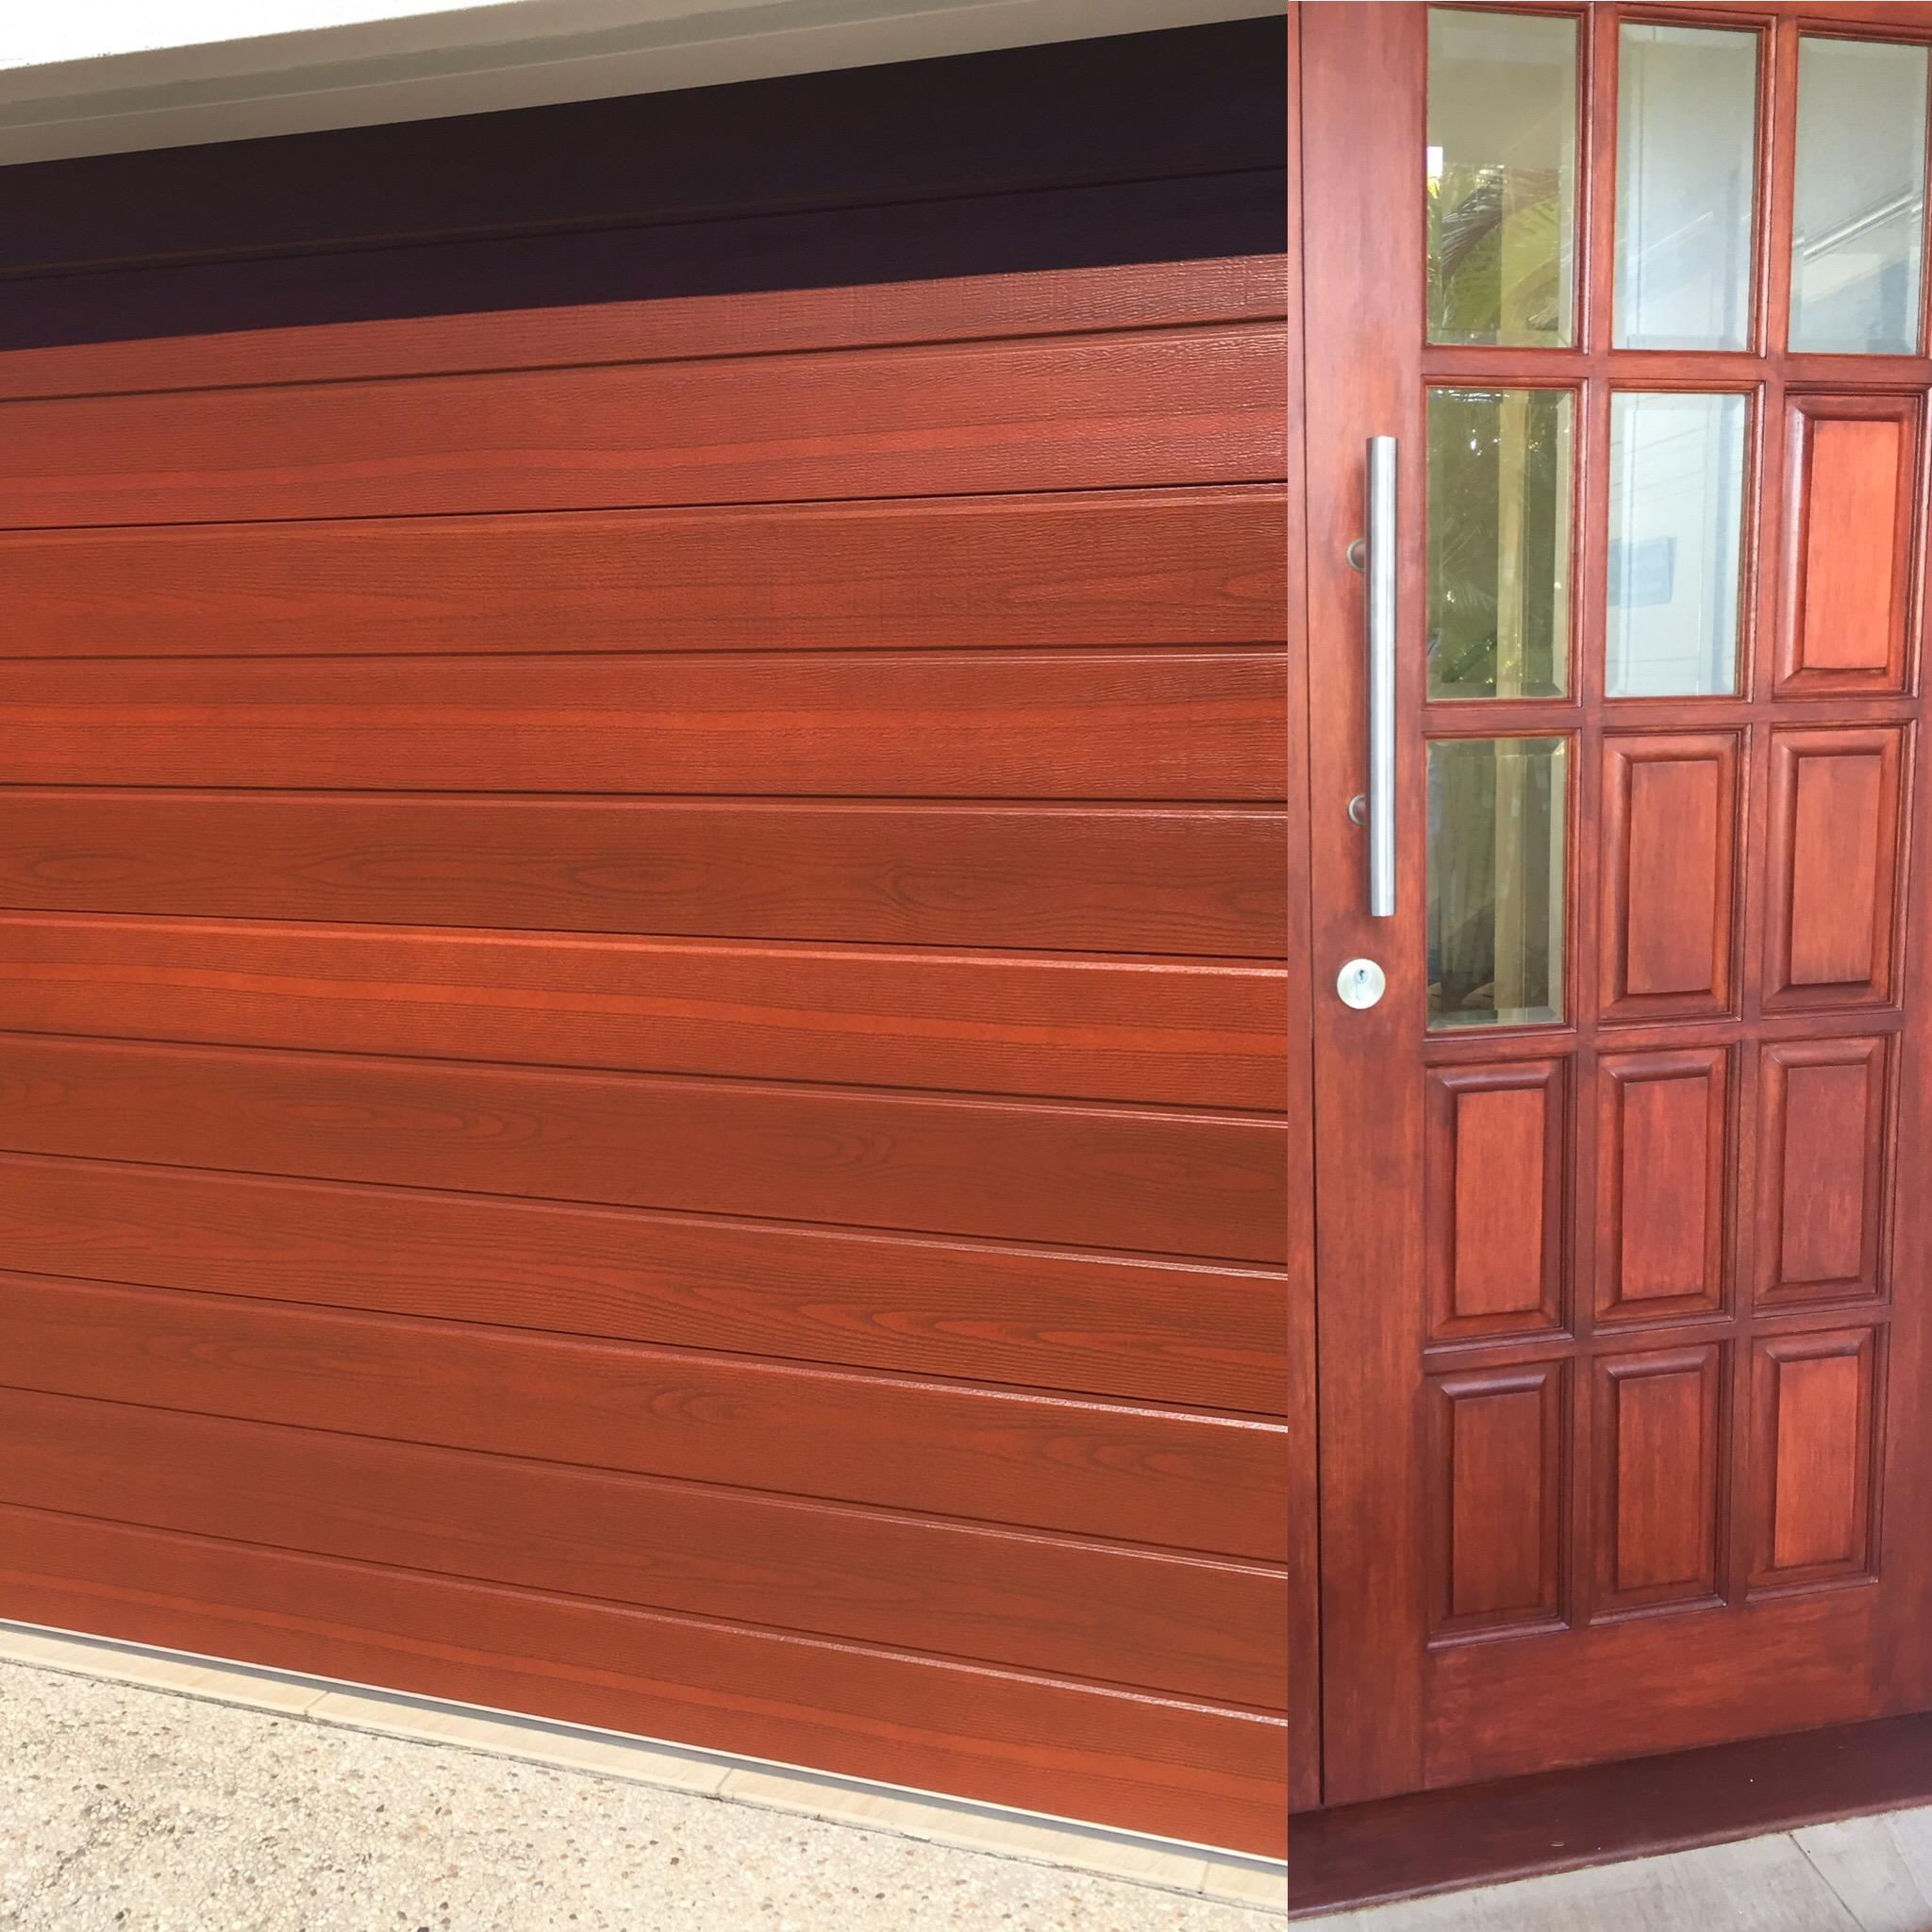 103-Matching-the-front-door